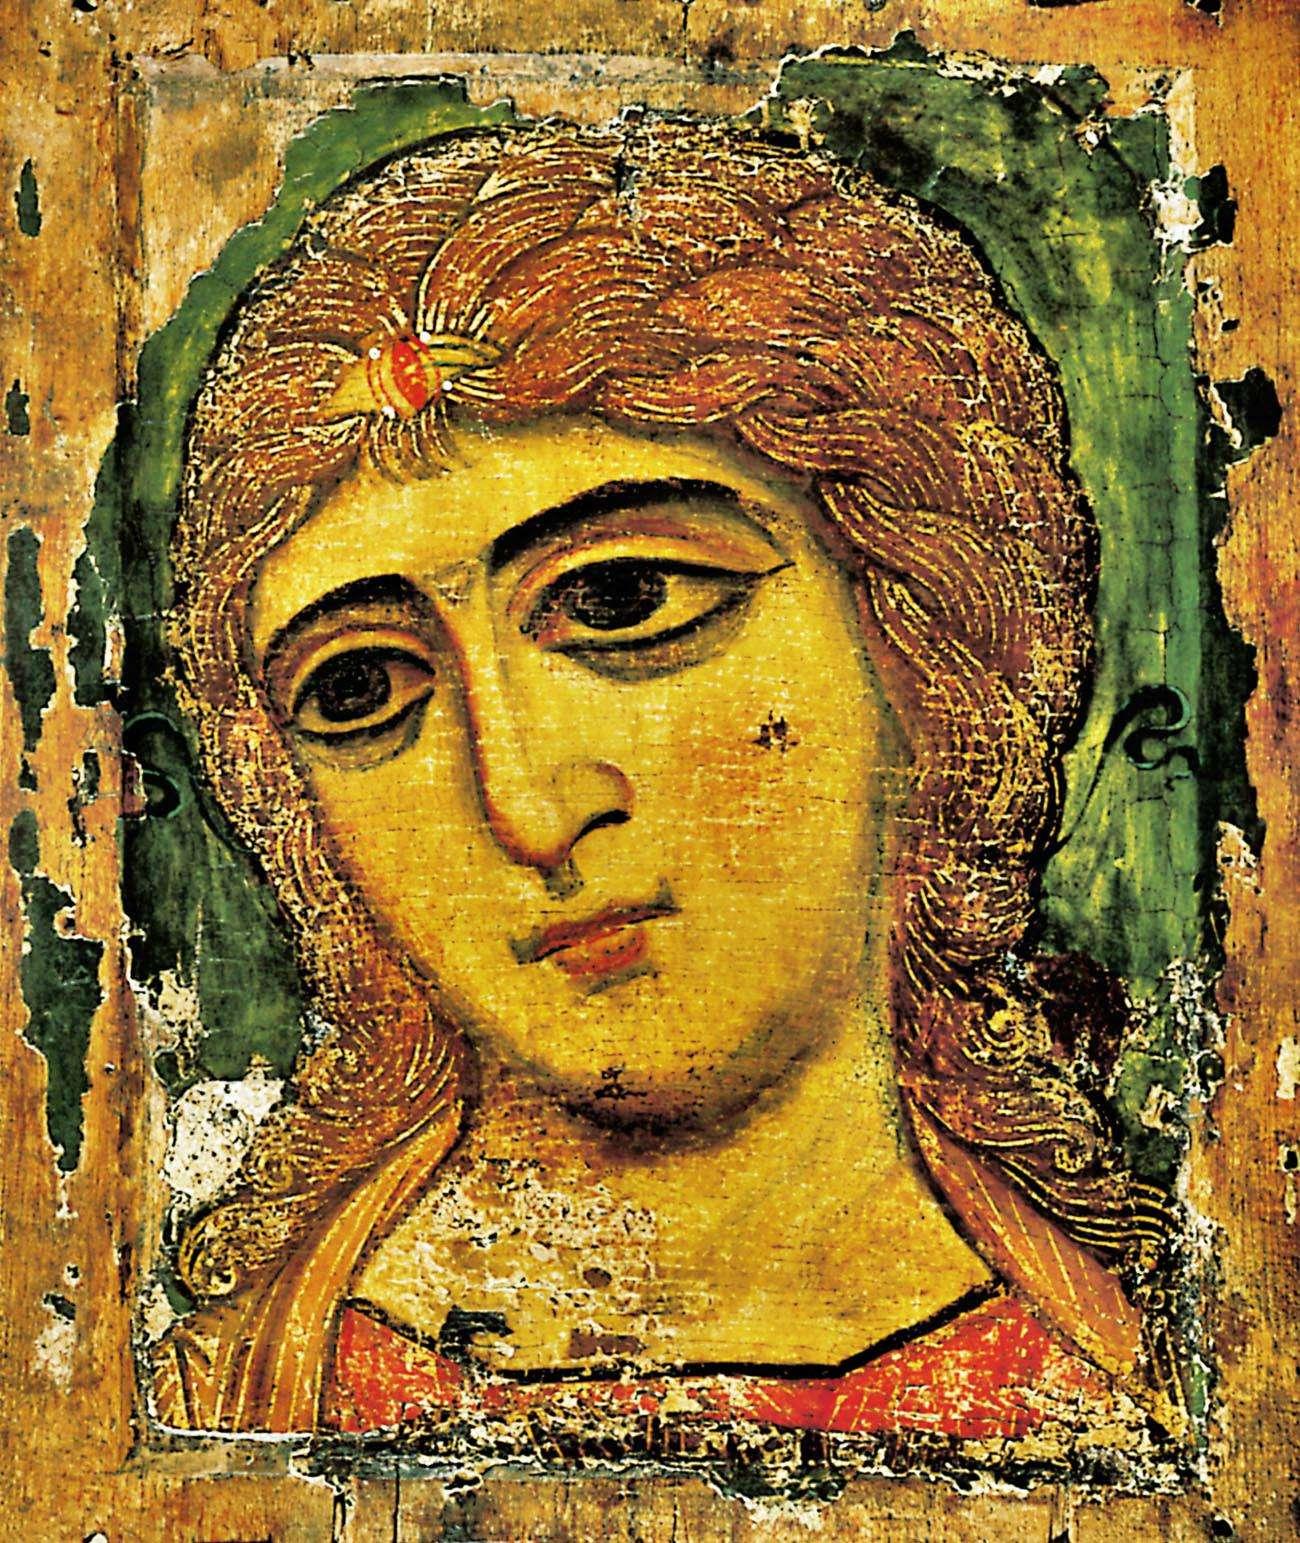 Αρχάγγελος Γαβριήλ. Ρωσική εικόνα 12ου αι. Τα μαλλιά του Αρχαγγέλου φέρουν χρυσοκονδυλιές.